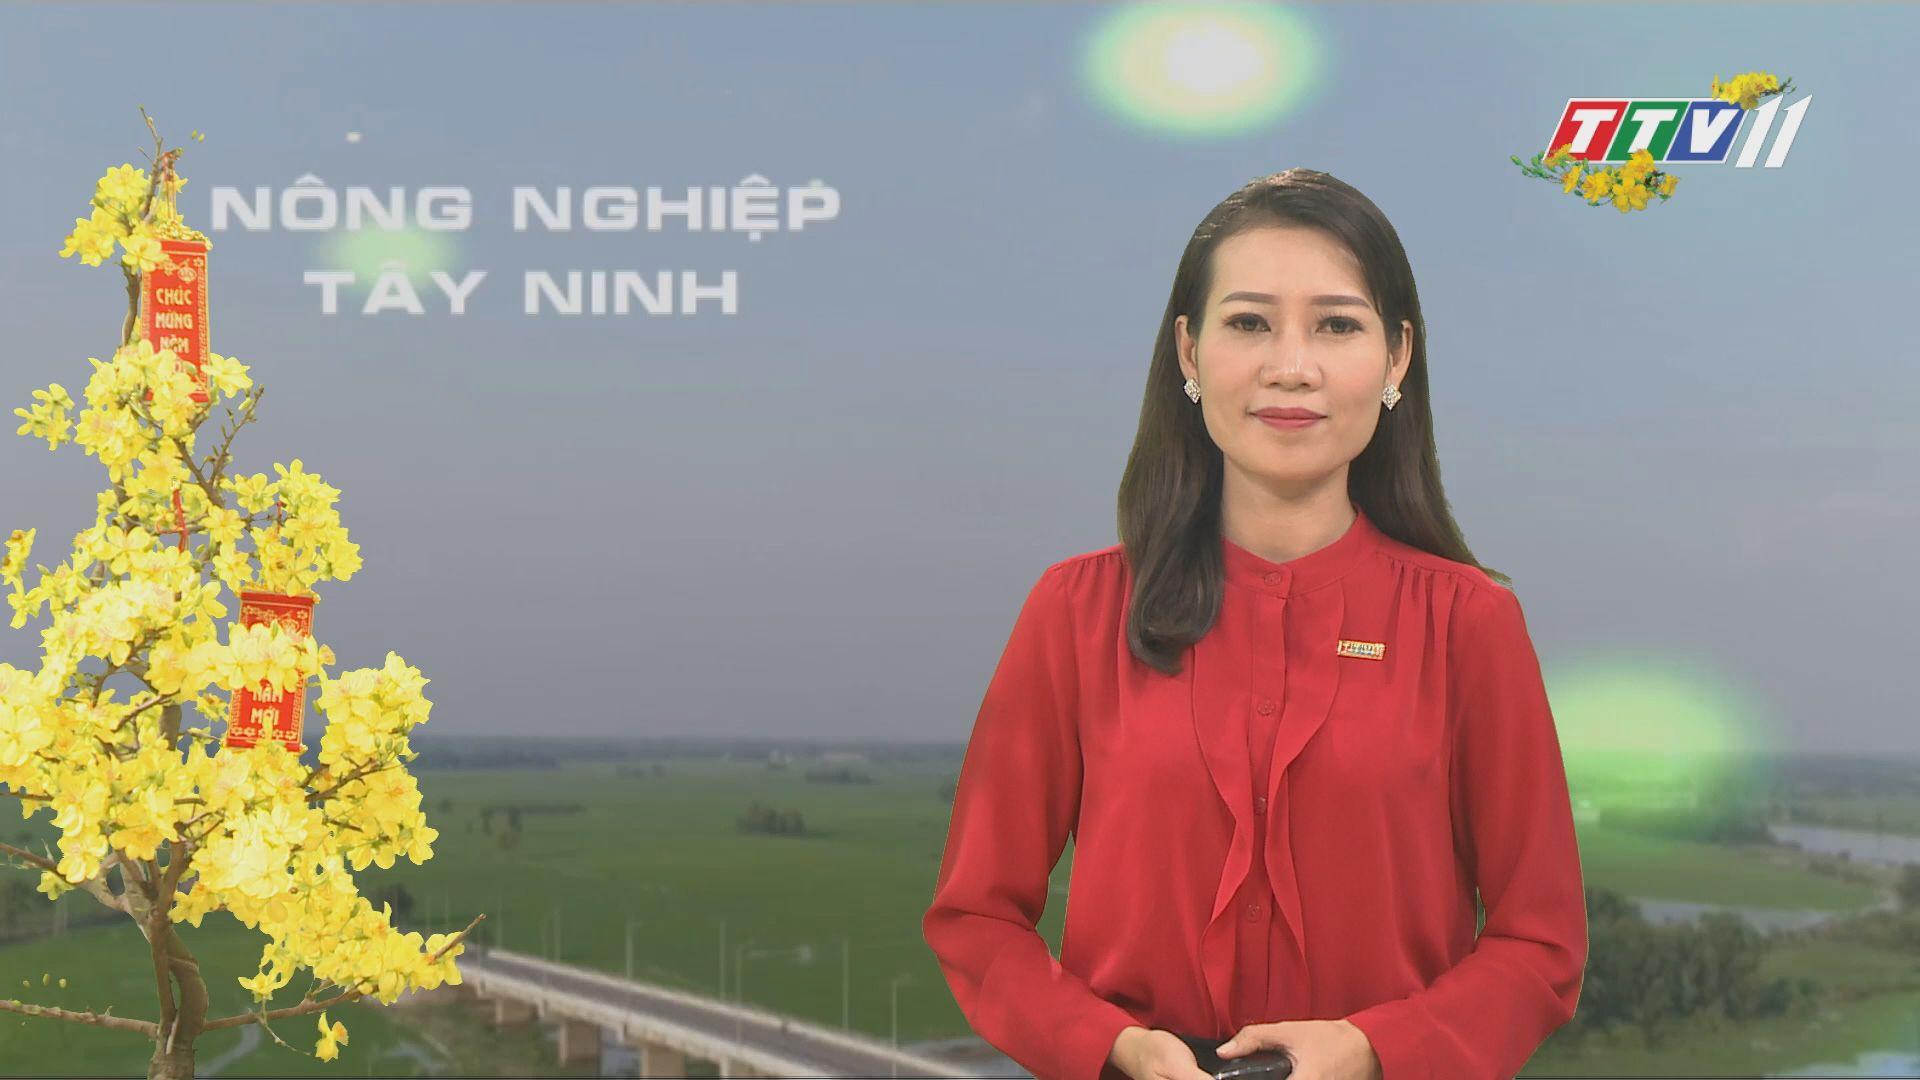 Những nông dân với nghề trồng - kinh doanh hoa kiểng | NÔNG NGHIỆP TÂY NINH | TayNinhTV